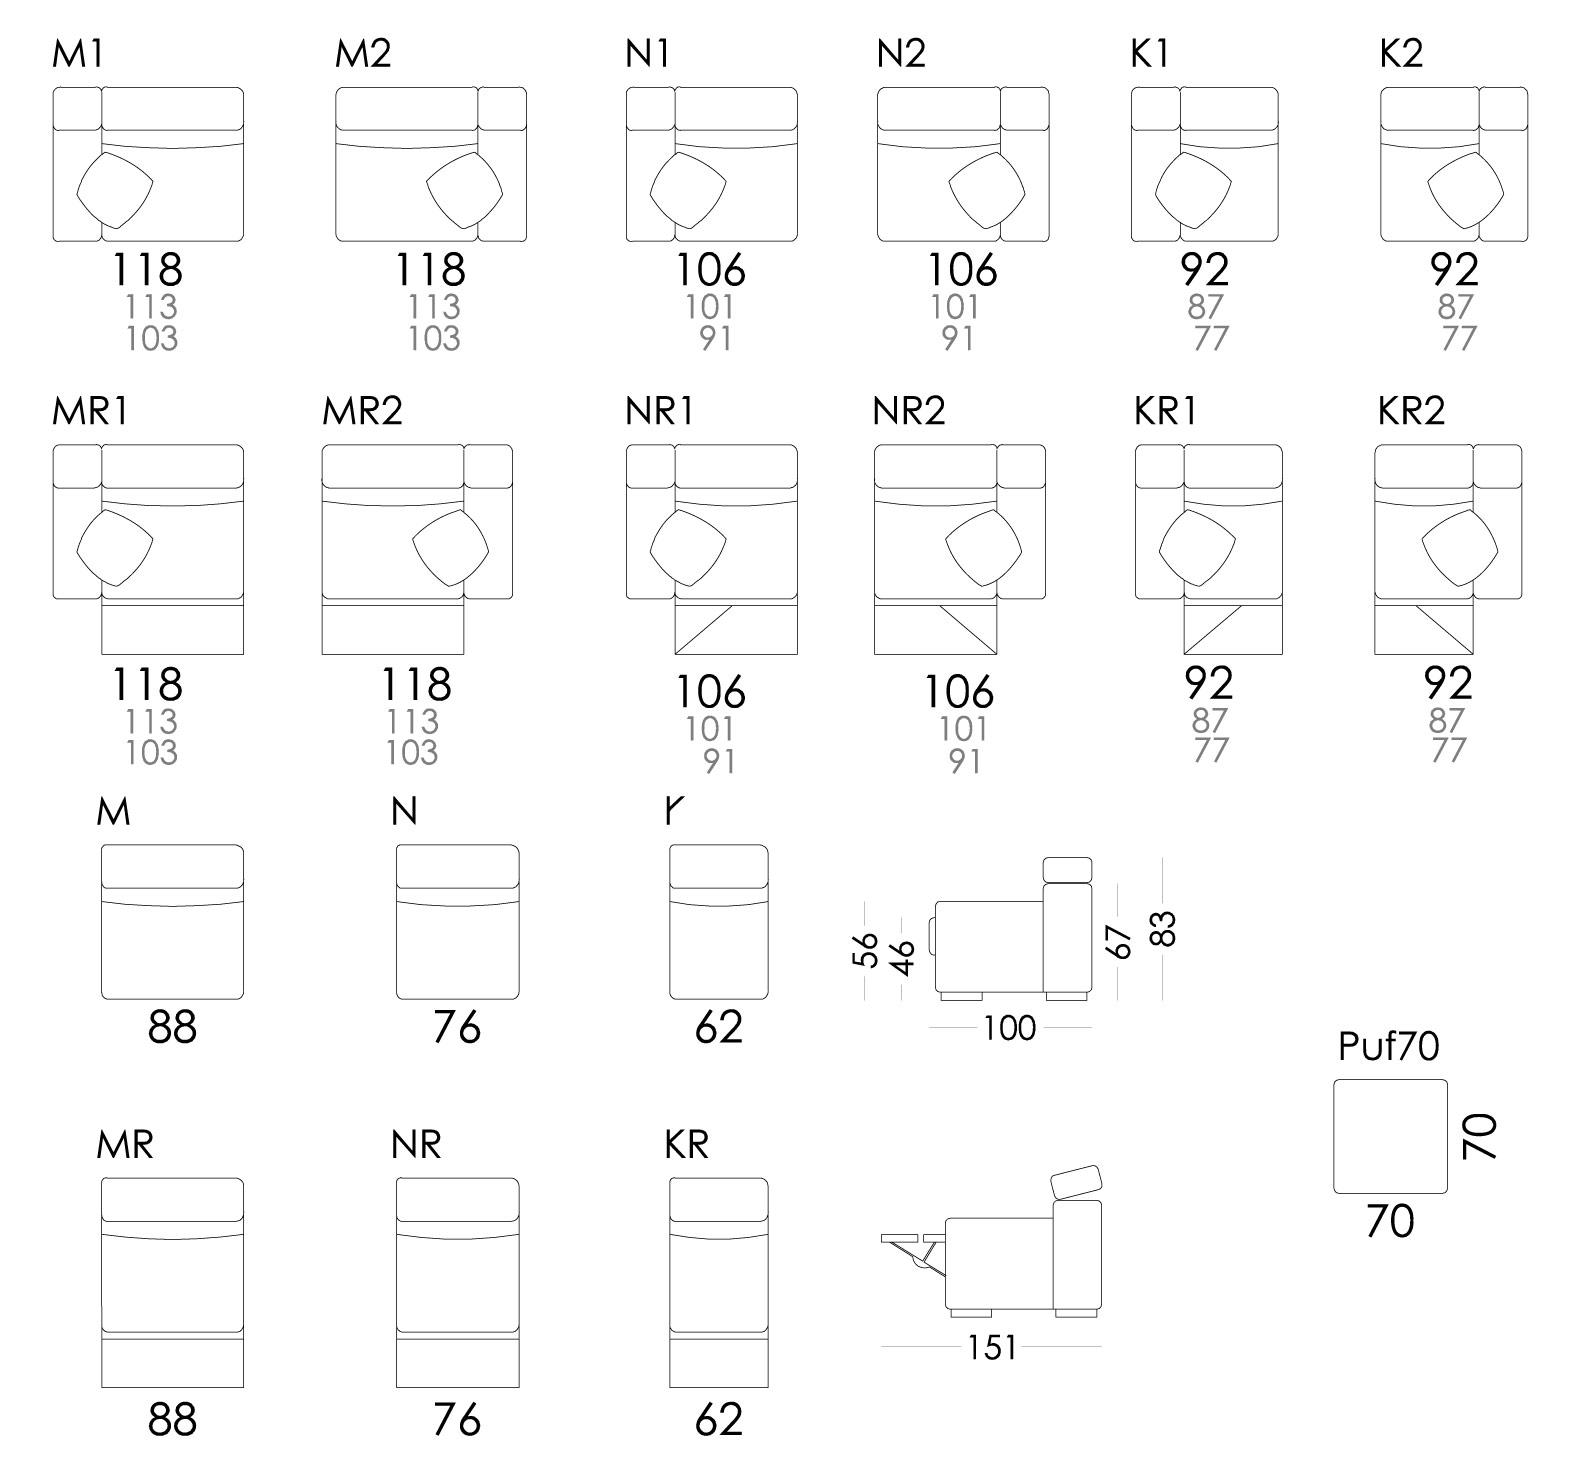 Loto medidas modulos 02